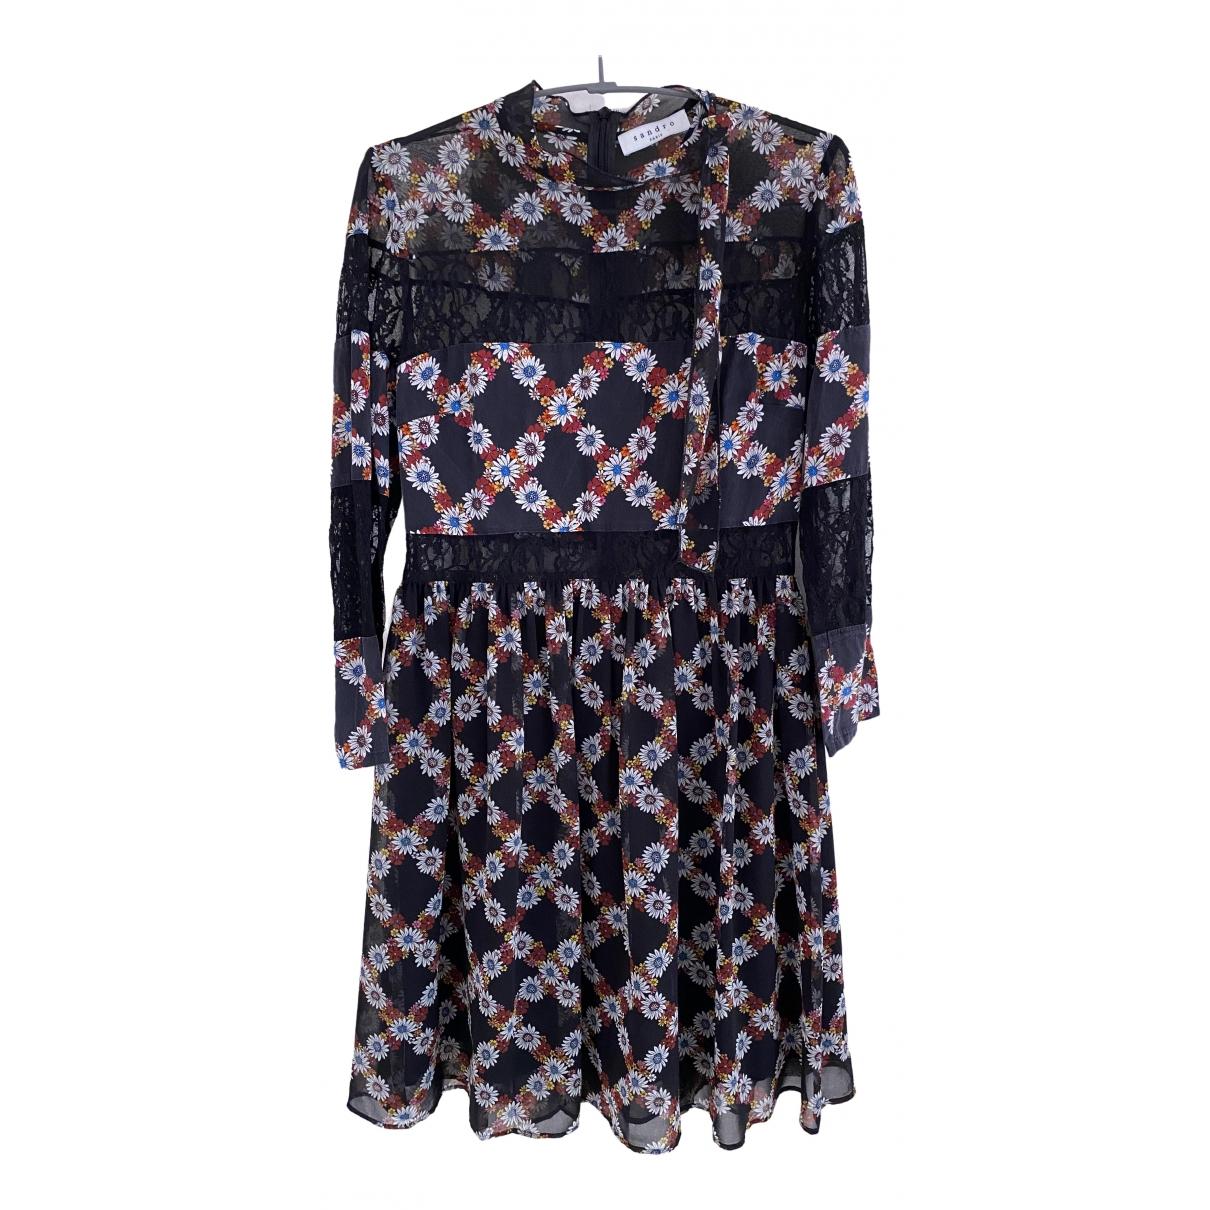 Sandro Fall Winter 2019 Multicolour Silk dress for Women 36 FR